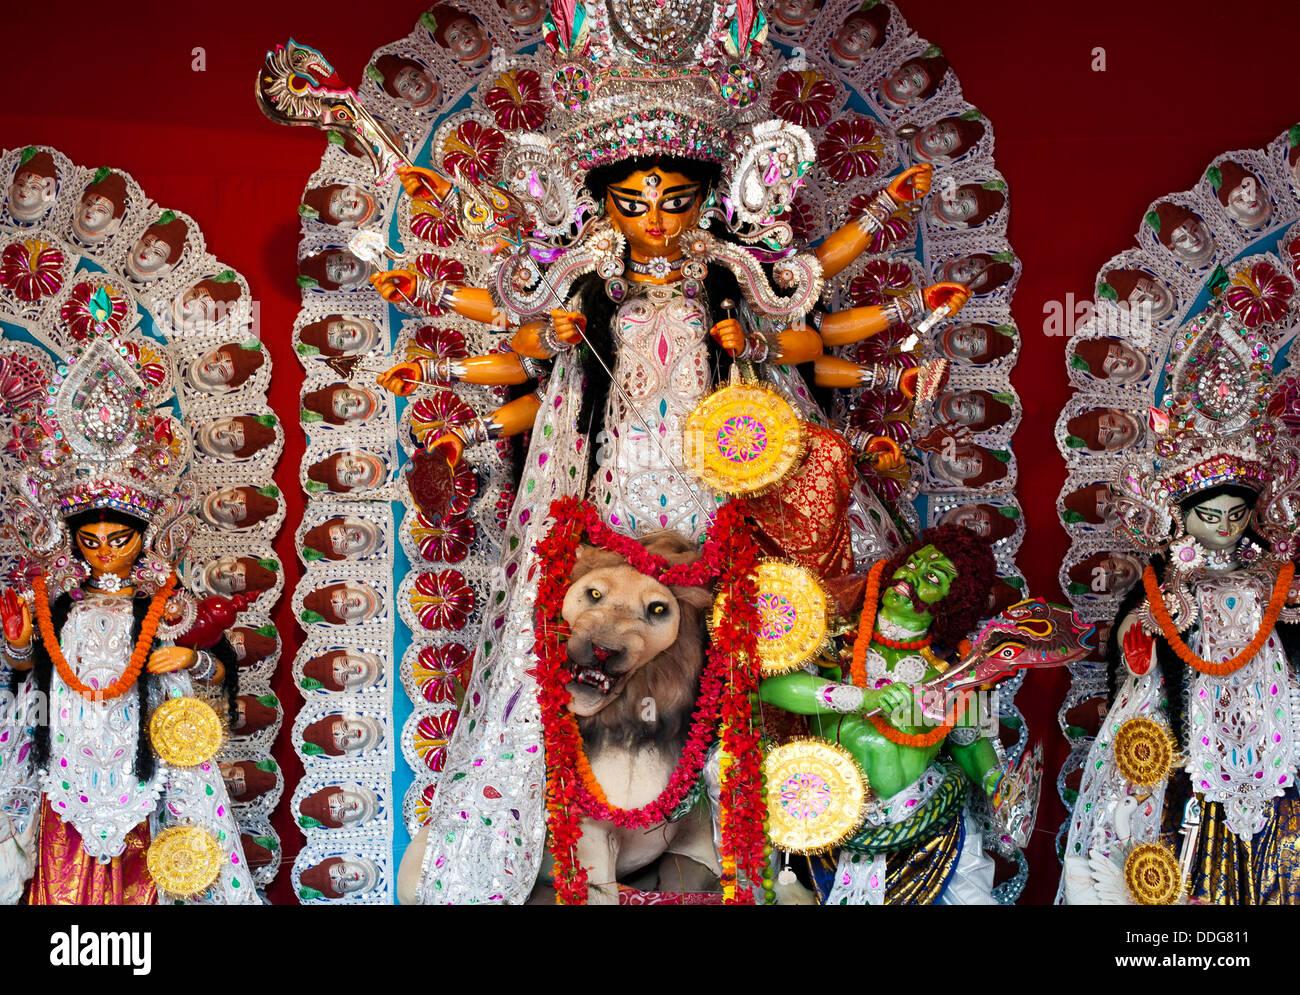 Pandal stock photos pandal stock images alamy goddess durga durga puja pandal kolkata india stock image altavistaventures Choice Image